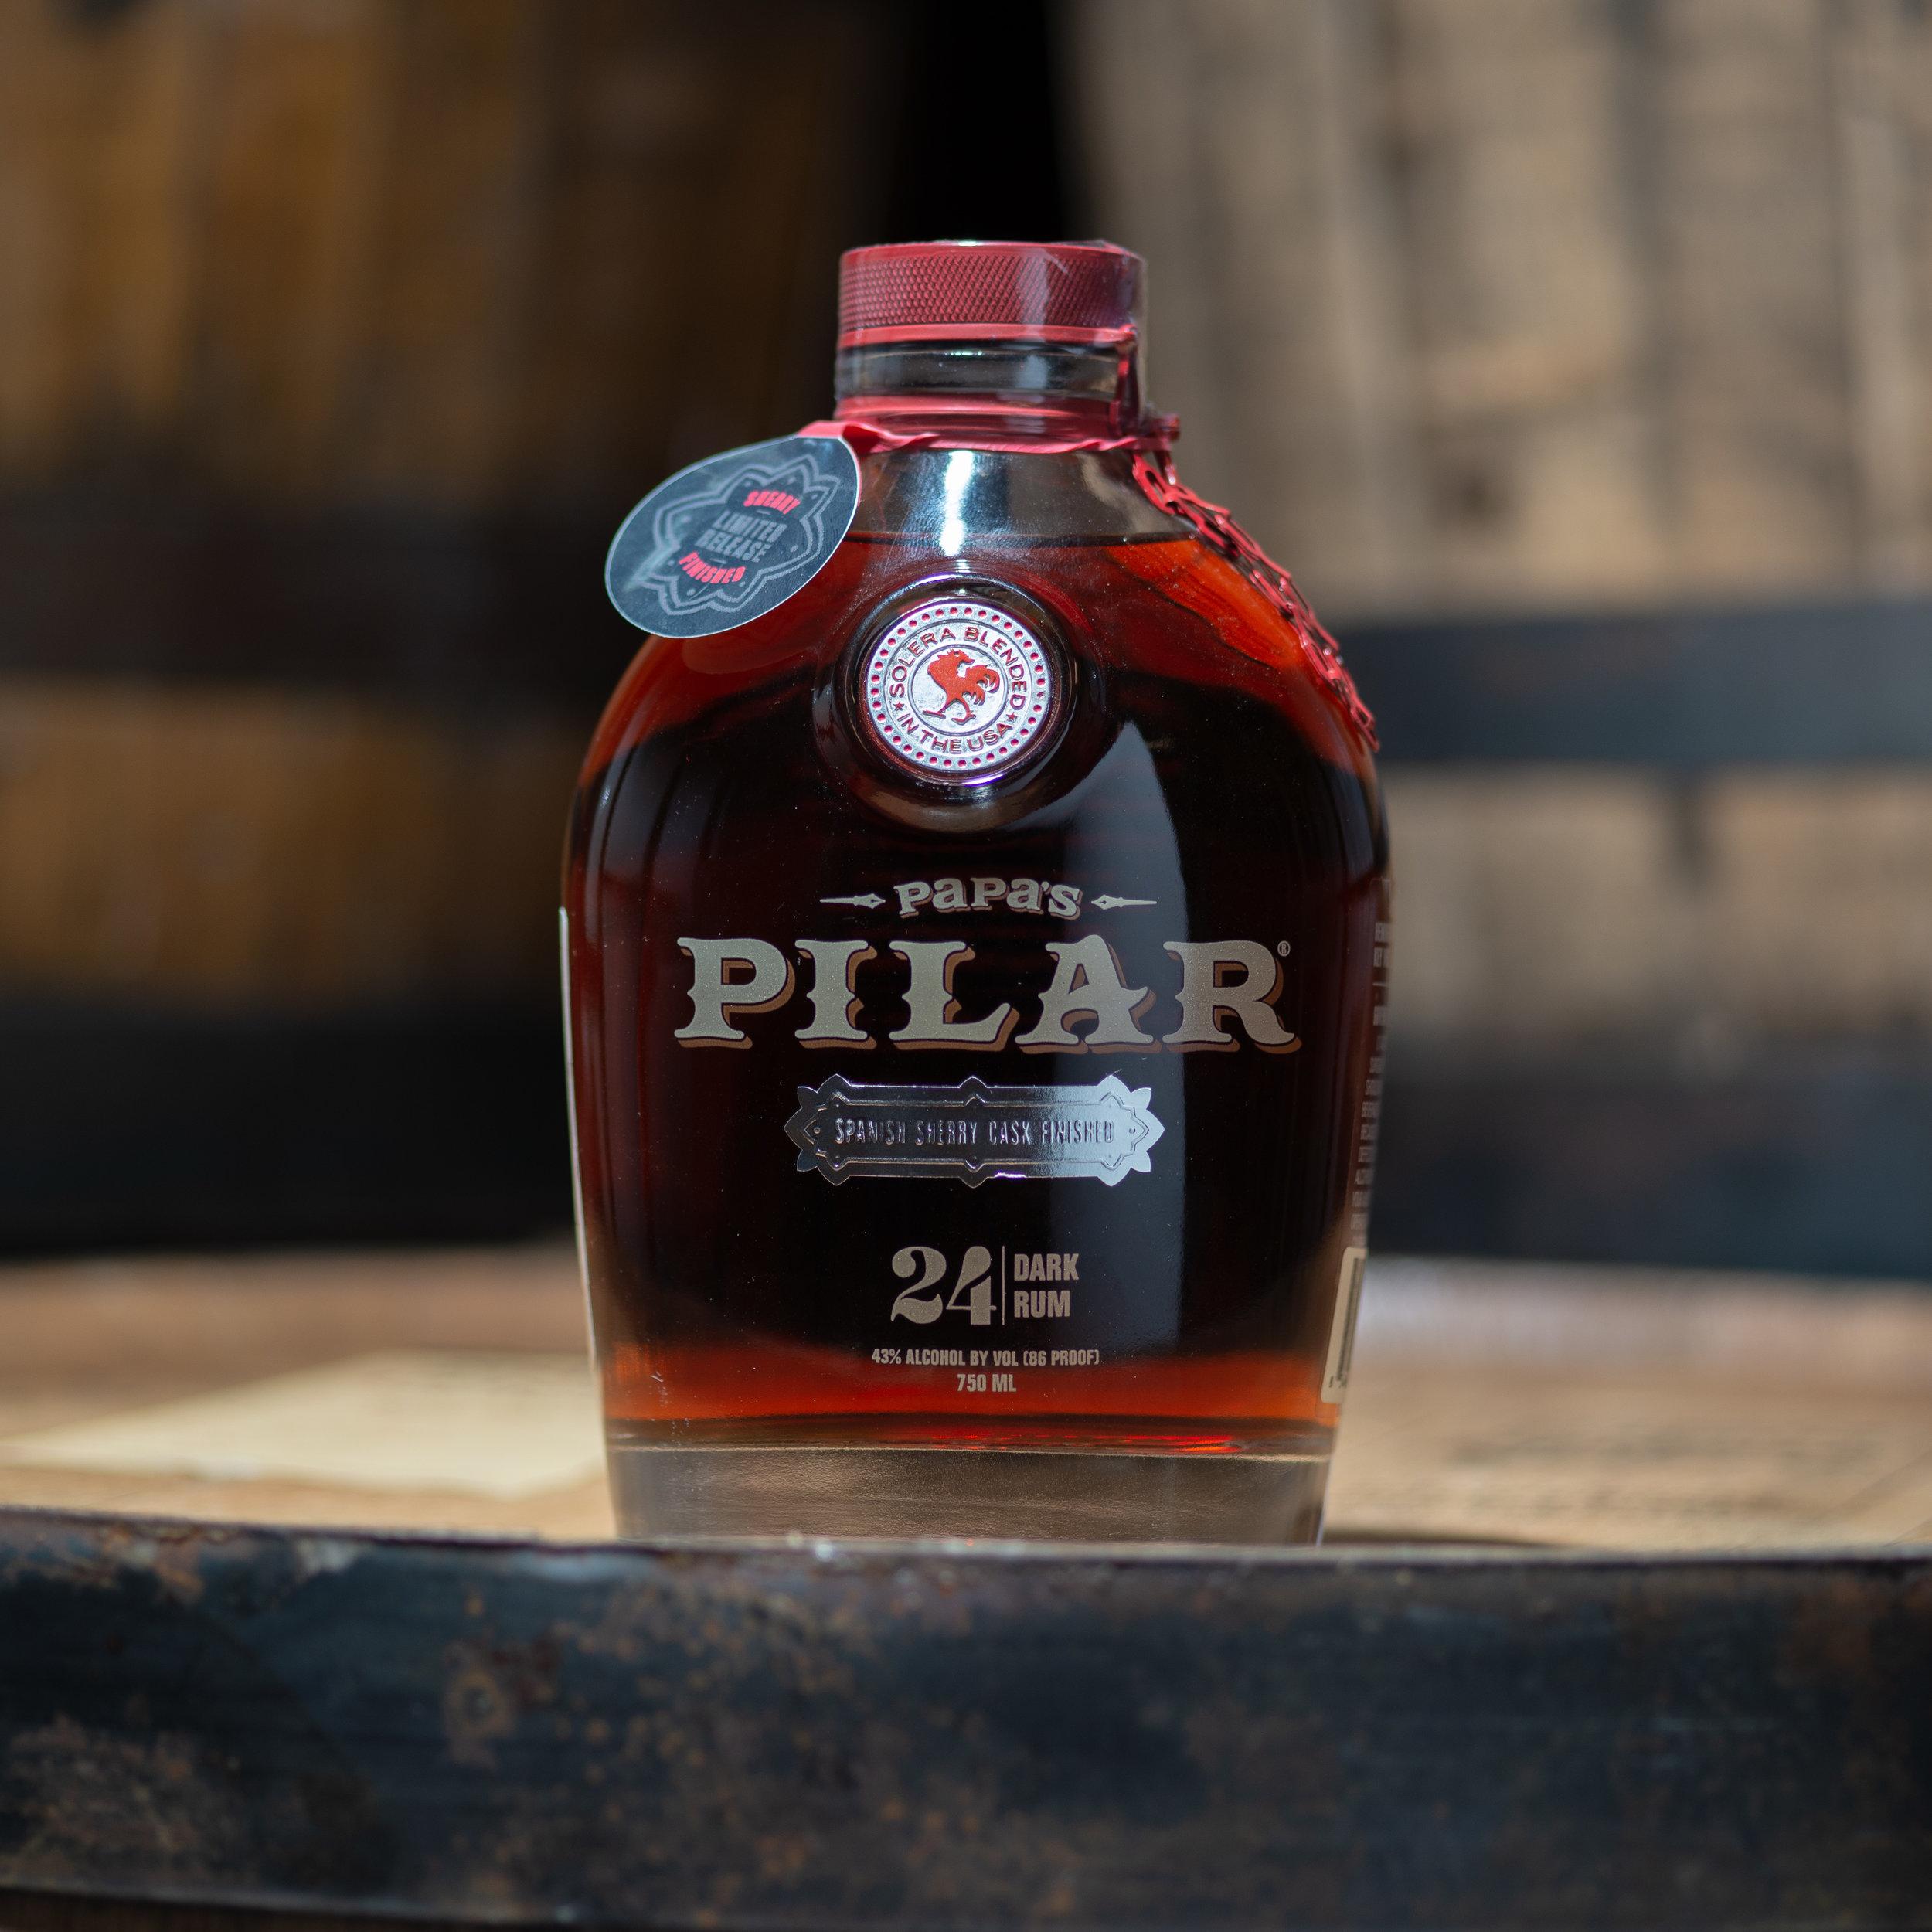 papas-pilar-rum-sherry.jpg